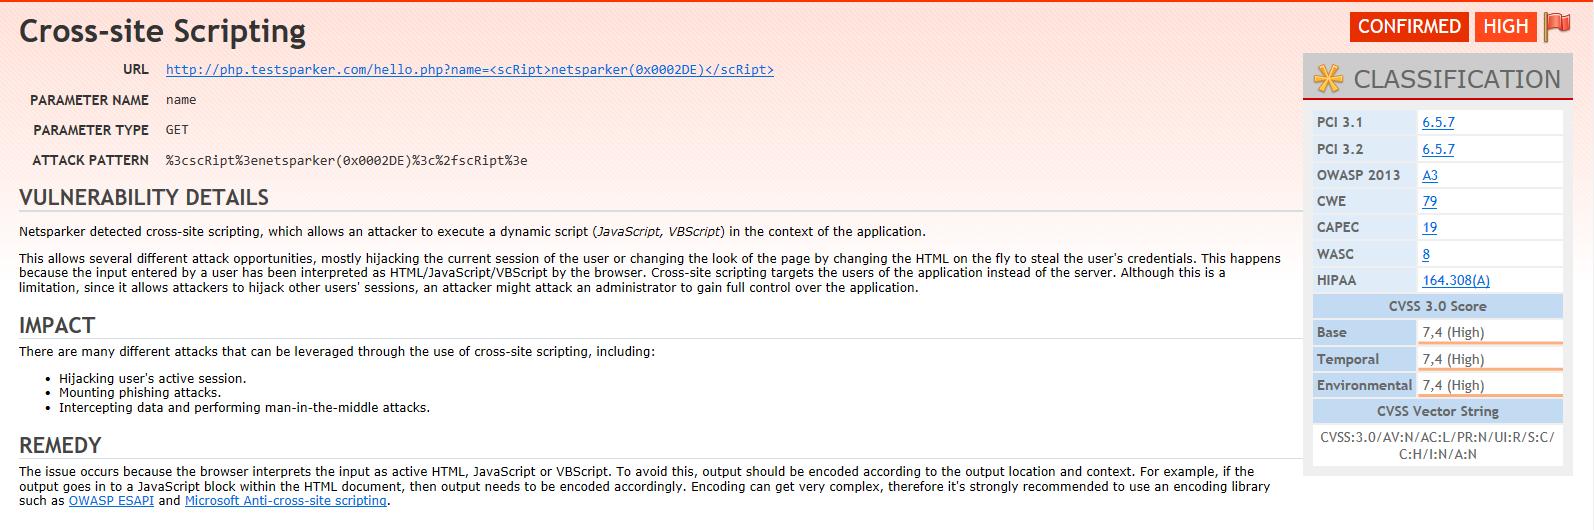 Yüksek Düzeydeki Web Uygulama Zafiyeti